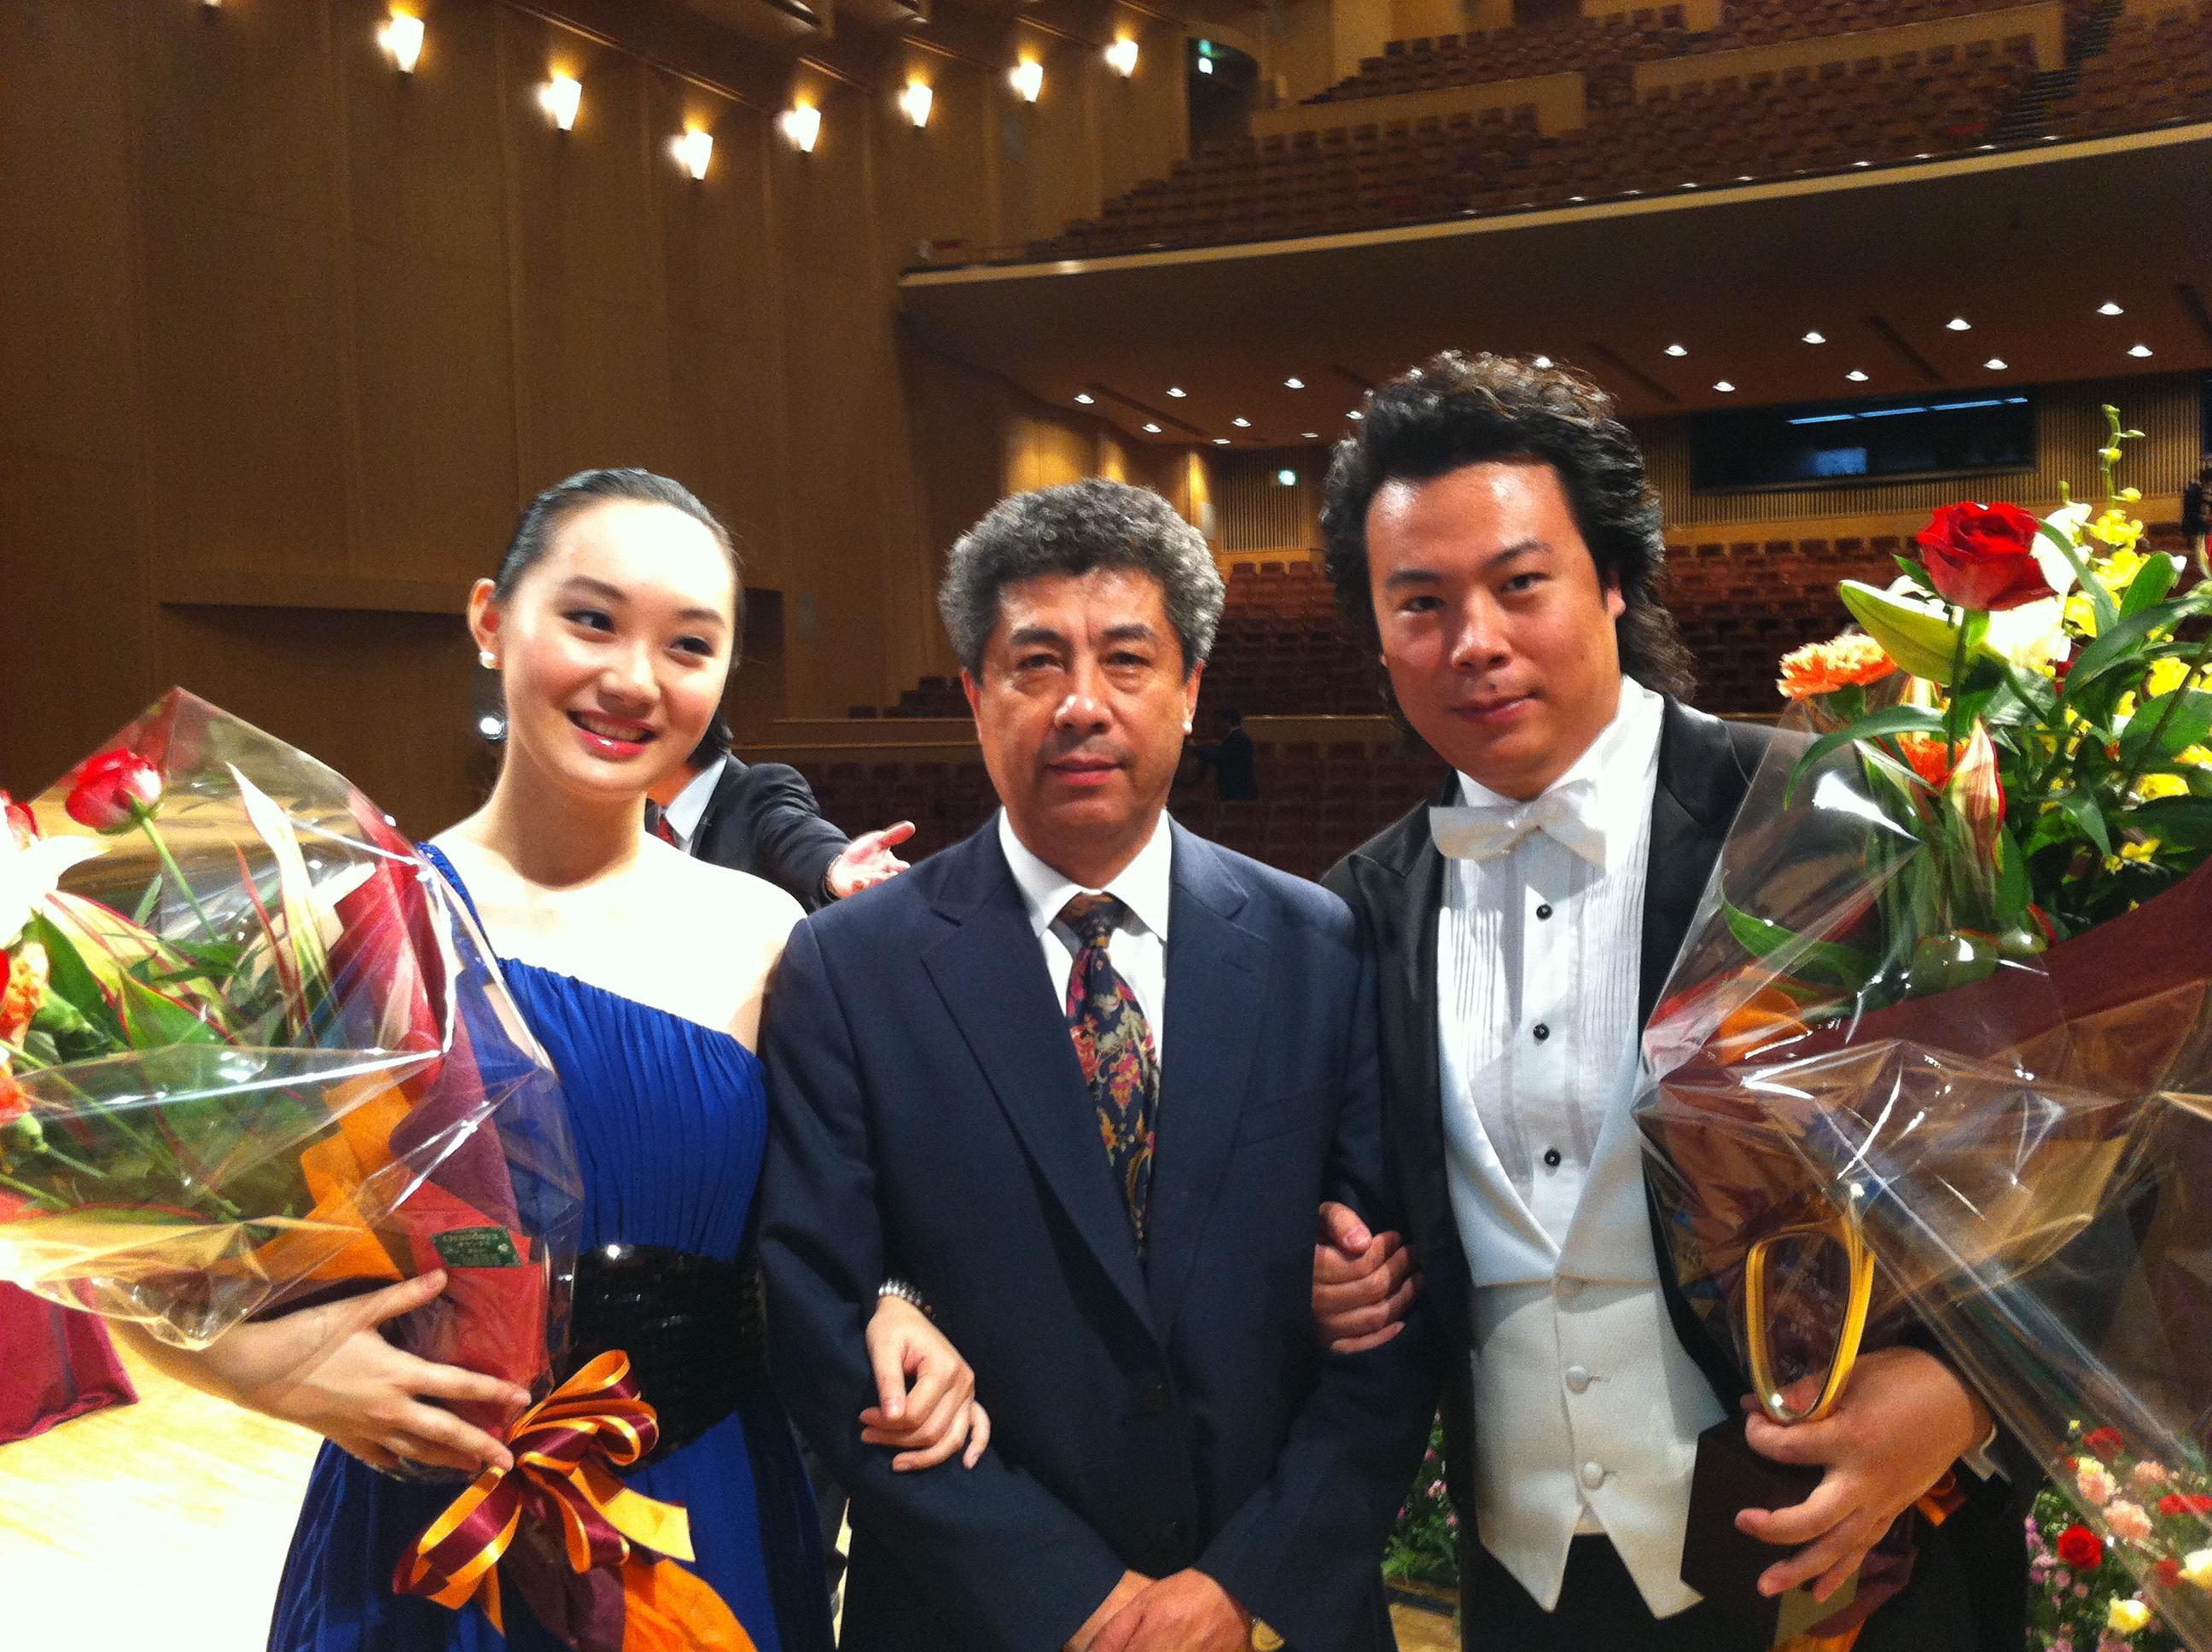 获奖后王宪林教授和他的两个学生